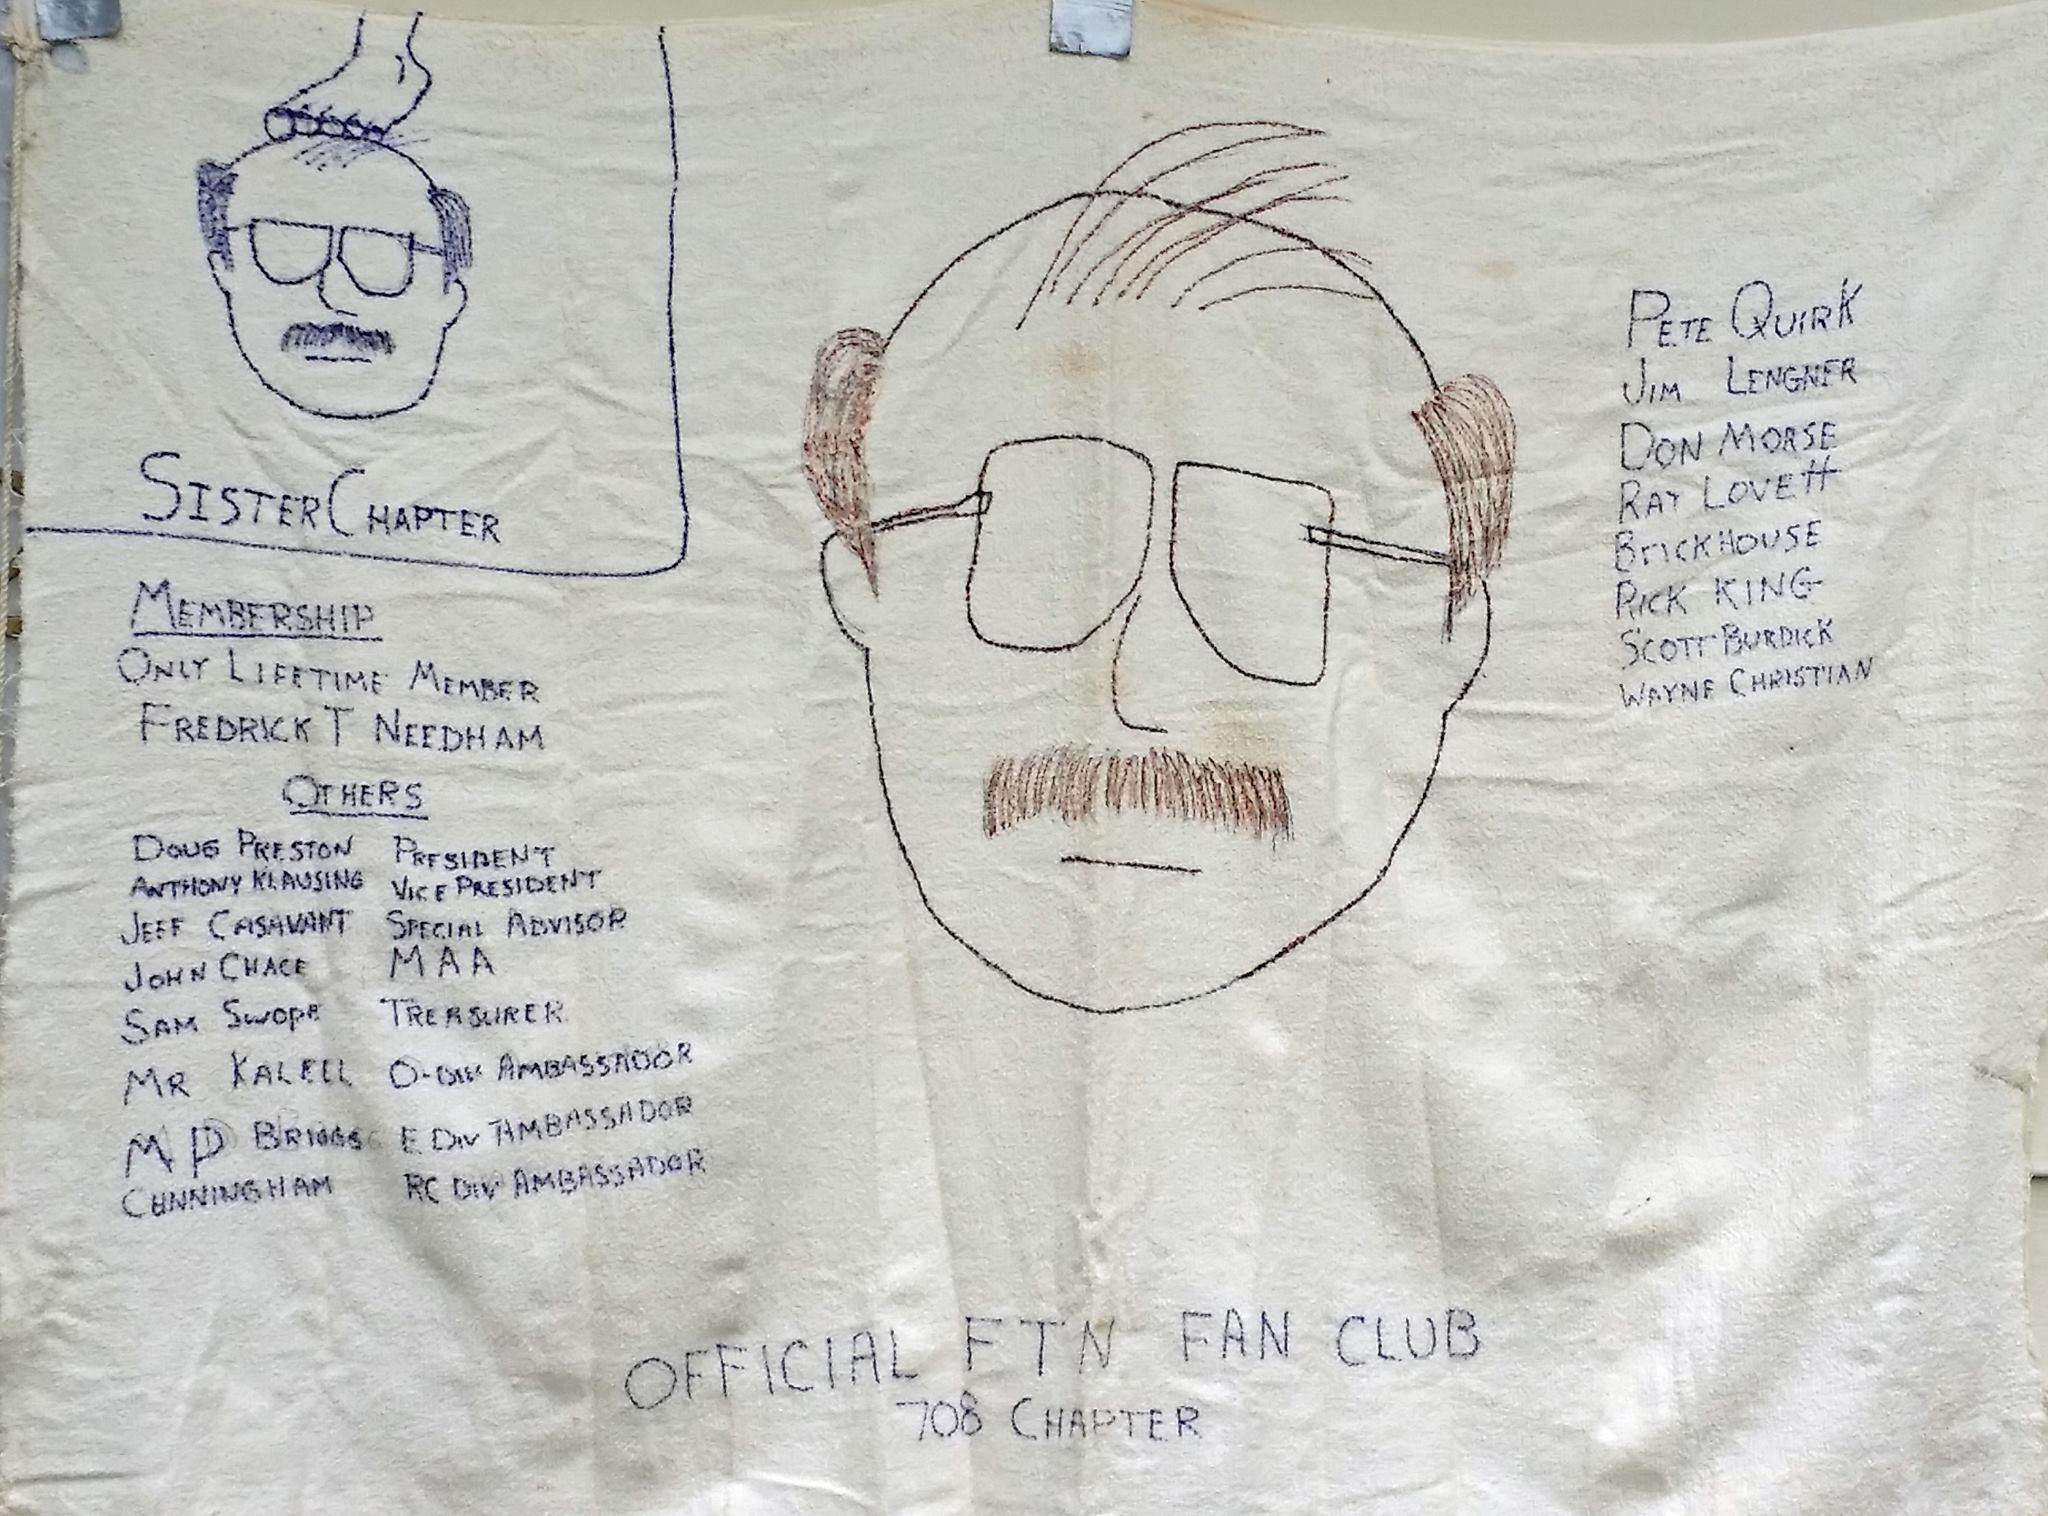 FTN Fan Club